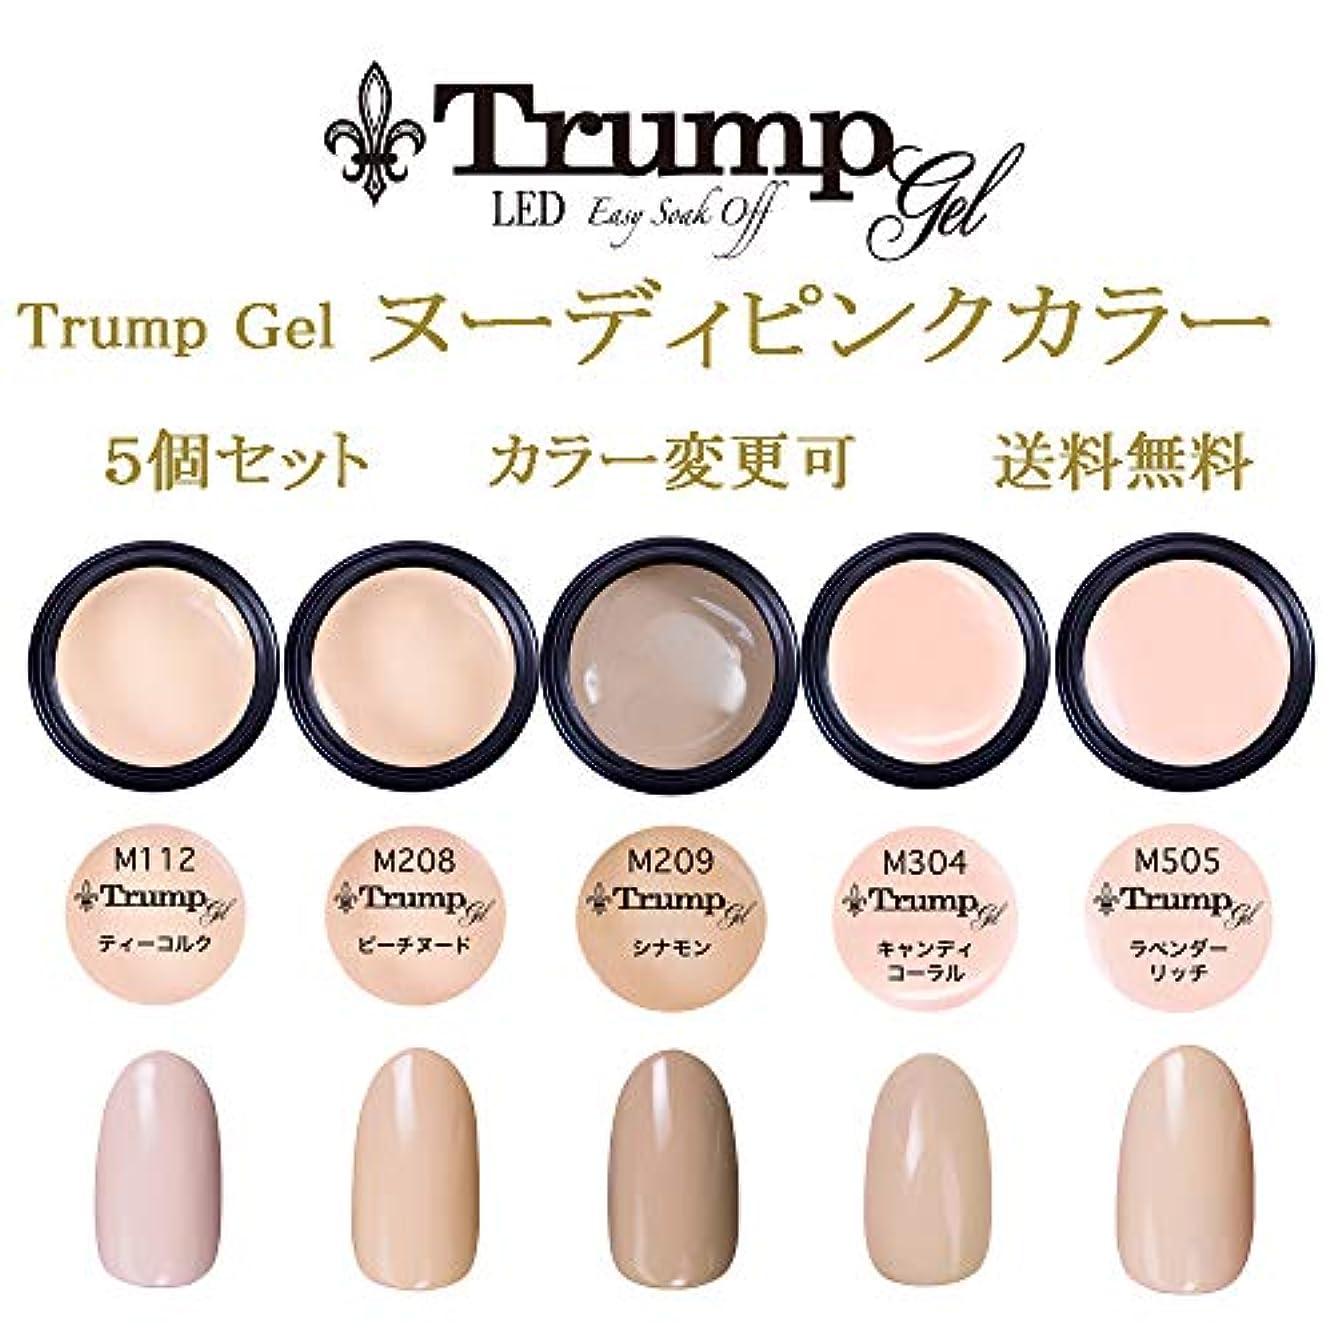 ハンドブック行幸運な日本製 Trump gel トランプジェル ヌーディピンク 選べる カラージェル 5個セット ピンク ベージュ ヌーディカラー